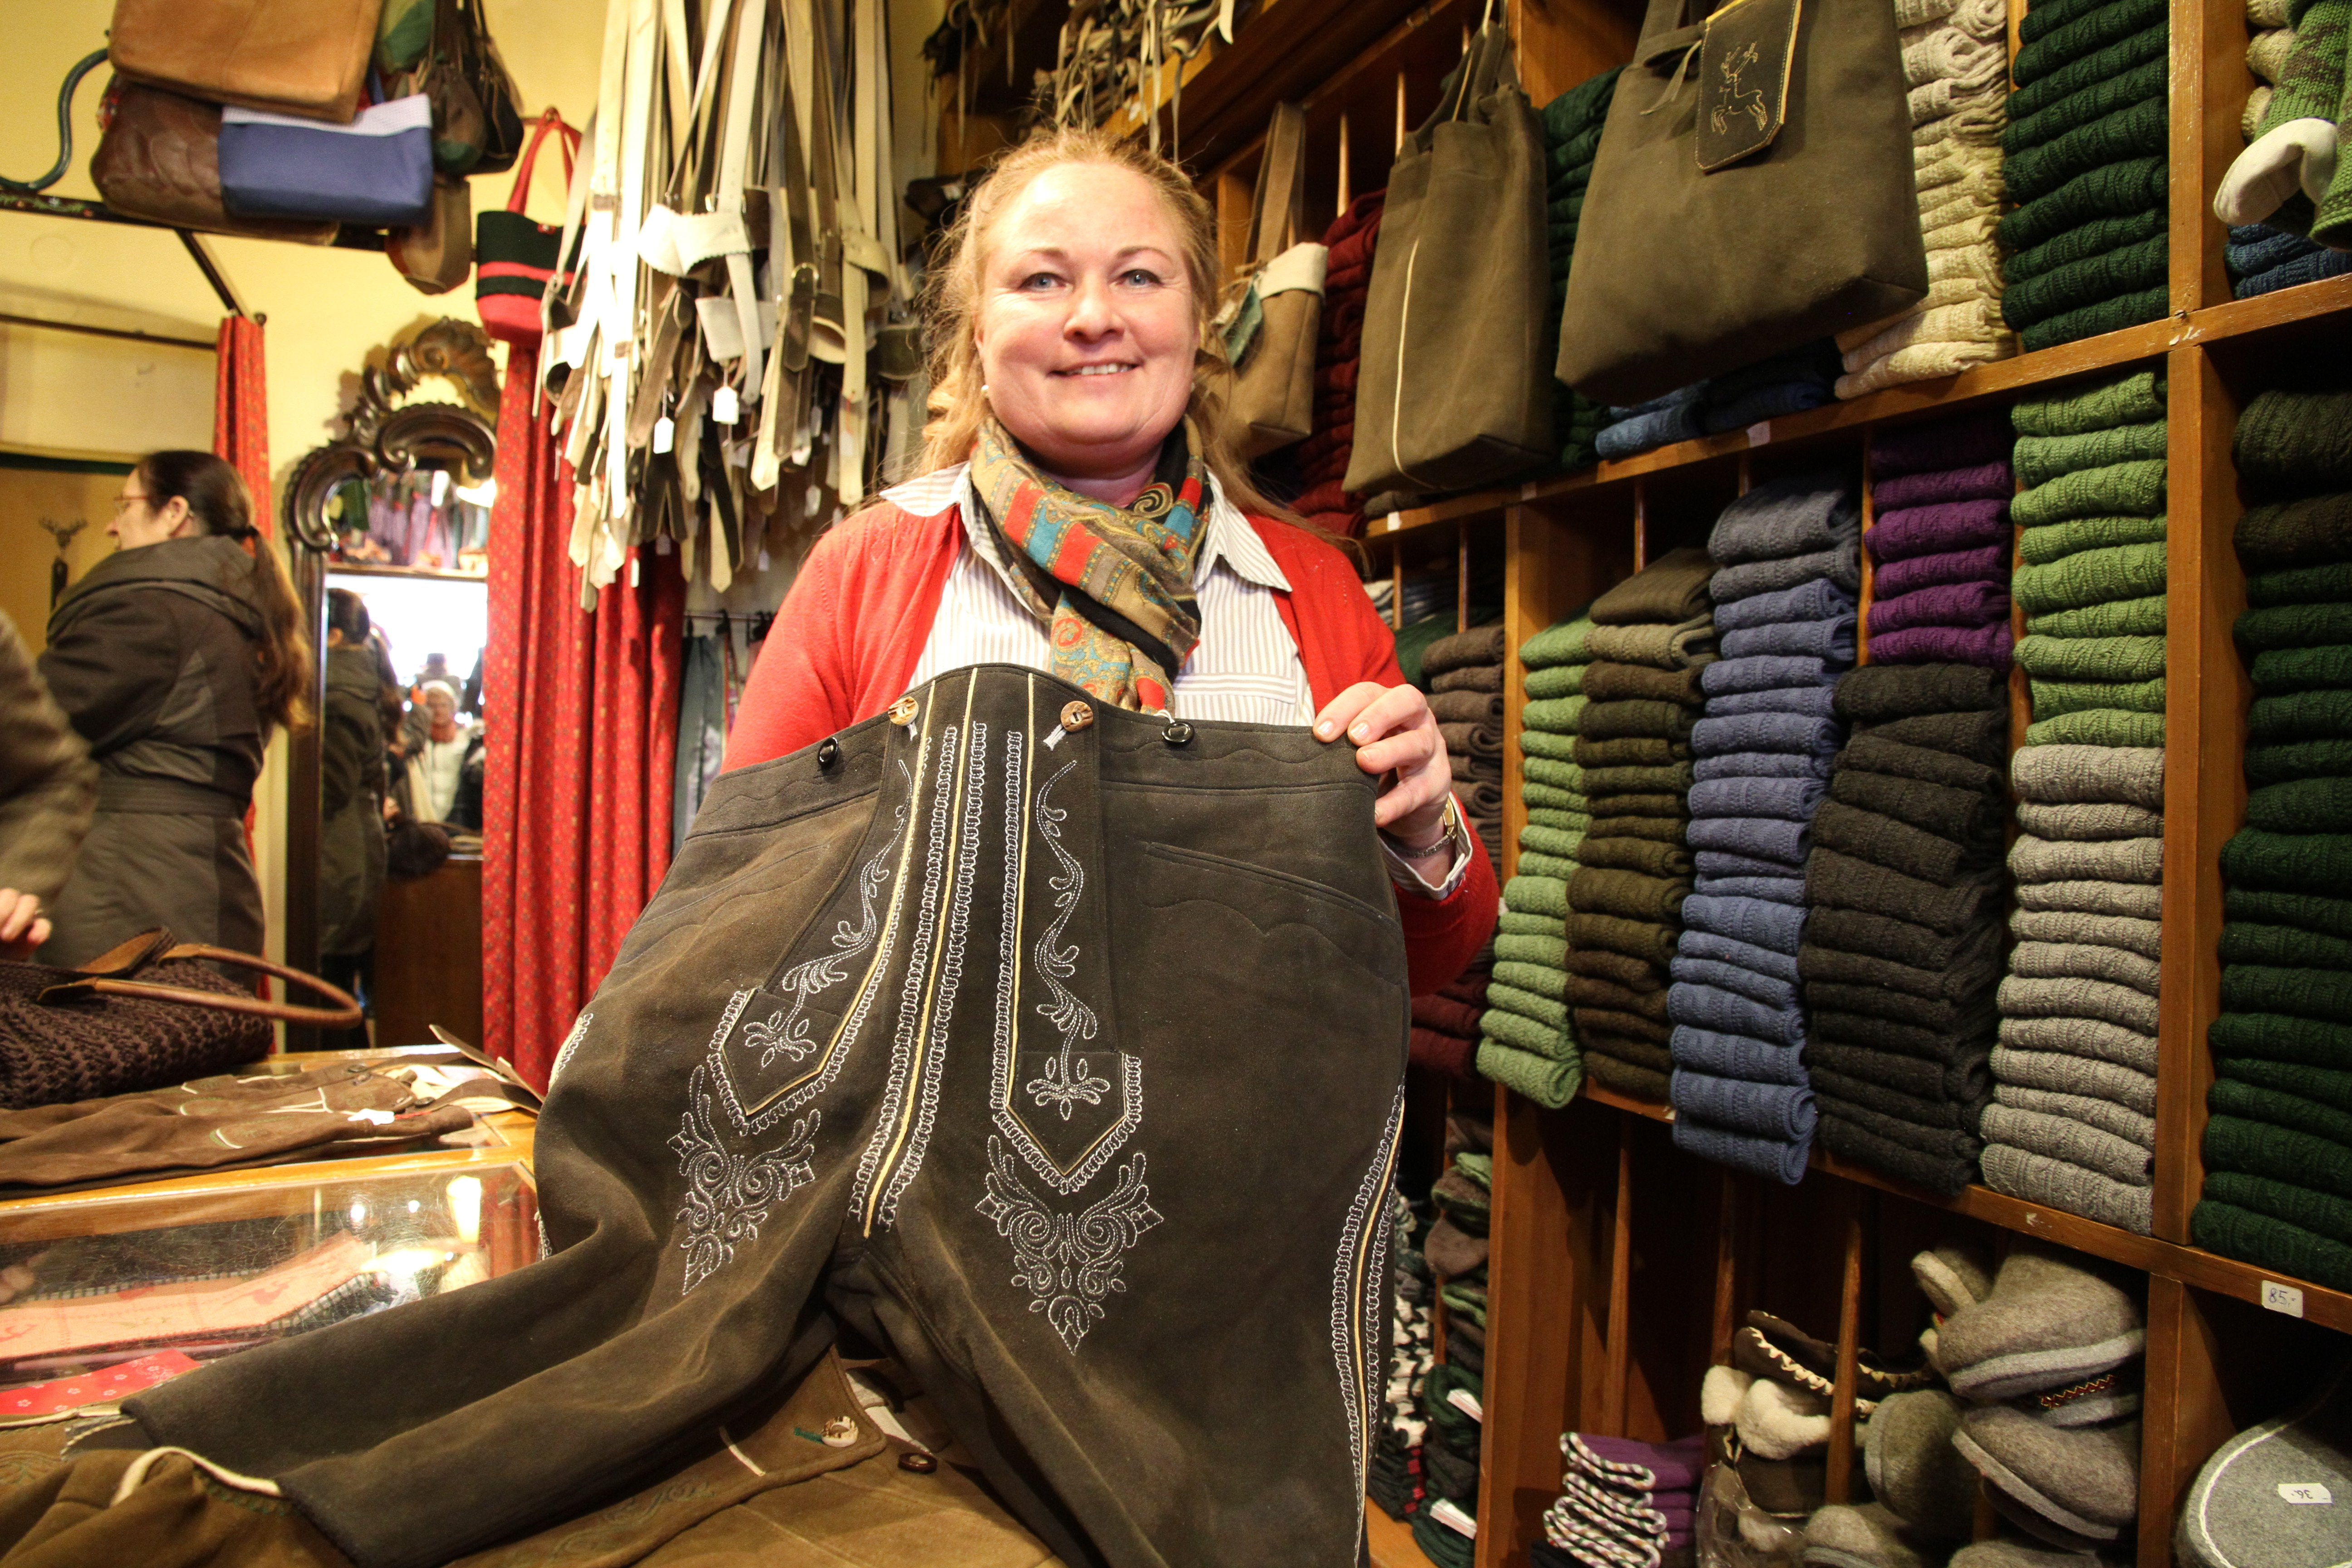 Die echte Salzburger Tracht: Bei Jahn-Markl (Residenzplatz 3) kostet die Lederhose rund 2900 Euro.